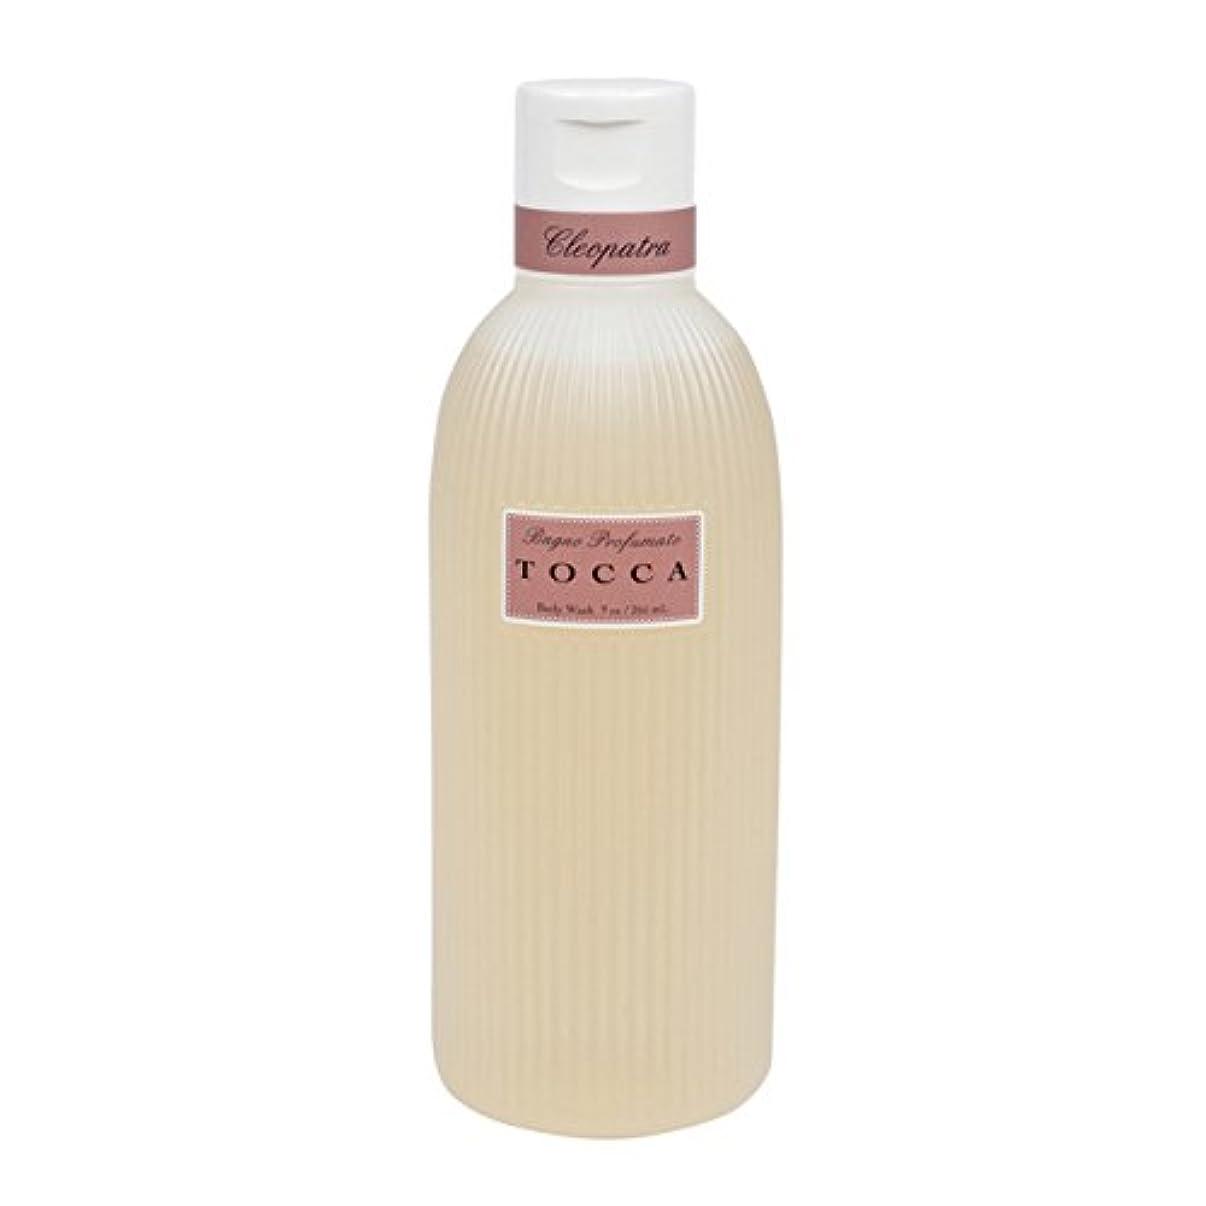 ゴム単独でみなさんトッカ(TOCCA) ボディーケアウォッシュ クレオパトラの香り 266ml(全身用洗浄料 ボディーソープ グレープフルーツとキューカンバーのフレッシュでクリーンな香り)